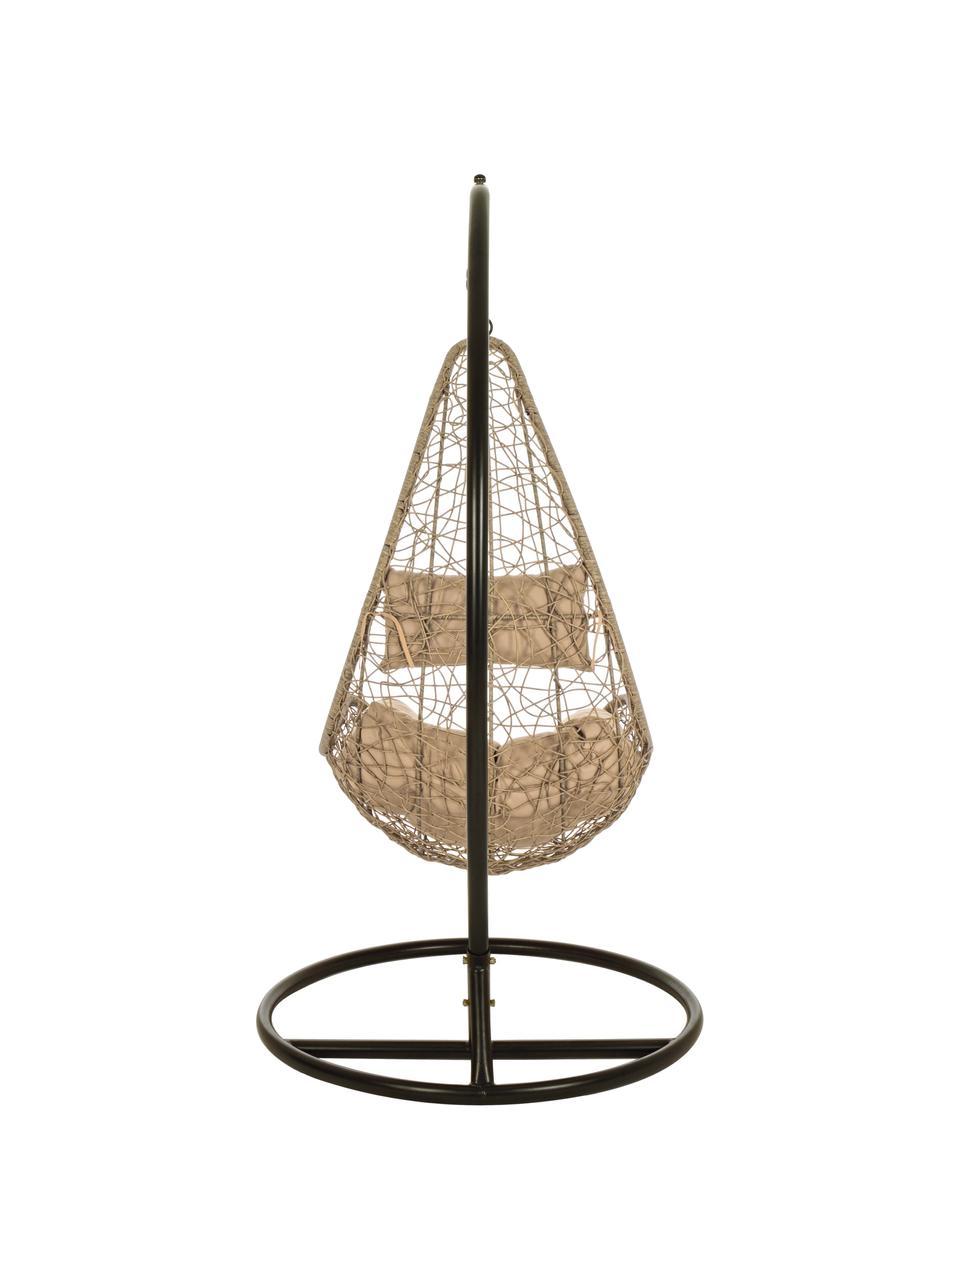 Hangstoel Amirantes met metalen frame, Frame: gepoedercoat aluminium, Zitvlak: kunstvlechtwerk, Beige, 74 x 127 cm